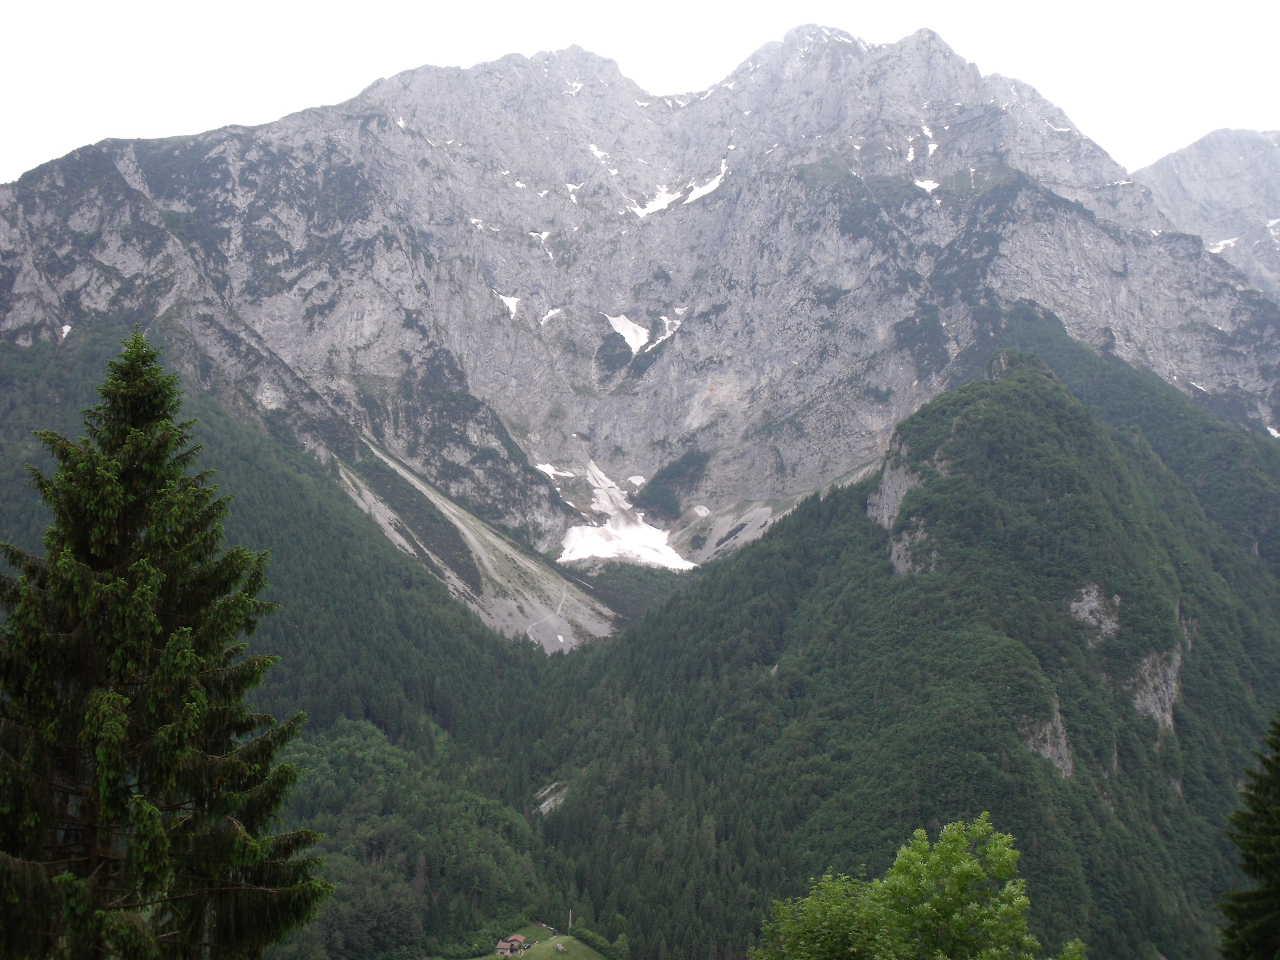 Situazione Nevai swettore Camicia Prena - Gran Sasso d'Italia - 12 agosto 2010-dscf0132p.jpg